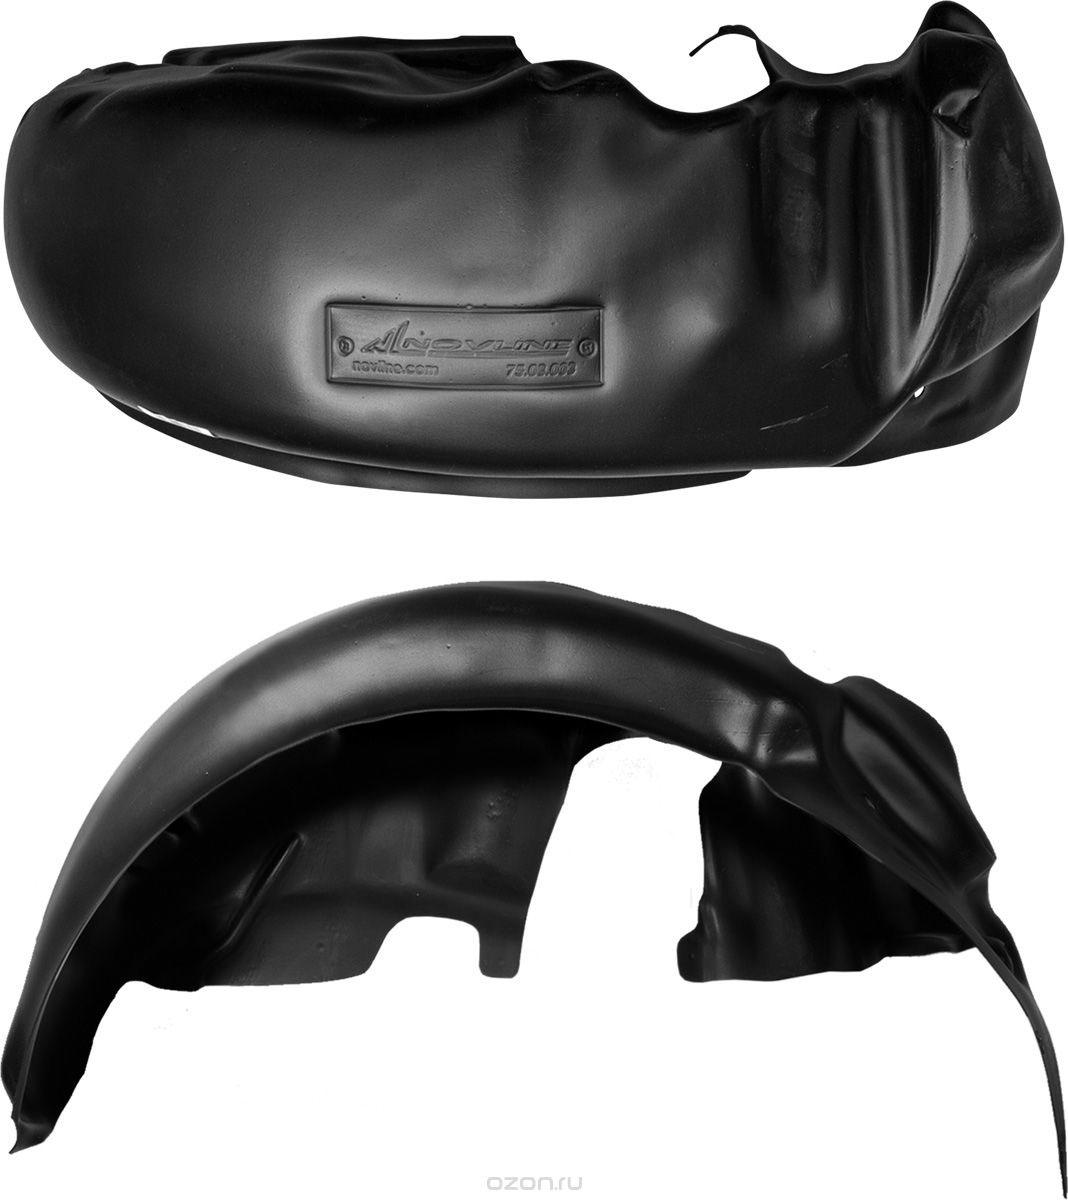 Подкрылок Novline-Autofamily, для NISSAN Sentra, 2014->, задний правыйNLL.36.47.004Идеальная защита колесной ниши. Локеры разработаны с применением цифровых технологий, гарантируют максимальную повторяемость поверхности арки. Изделия устанавливаются без нарушения лакокрасочного покрытия автомобиля, каждый подкрылок комплектуется крепежом. Уважаемые клиенты, обращаем ваше внимание, что фотографии на подкрылки универсальные и не отражают реальную форму изделия. При этом само изделие идет точно под размер указанного автомобиля.